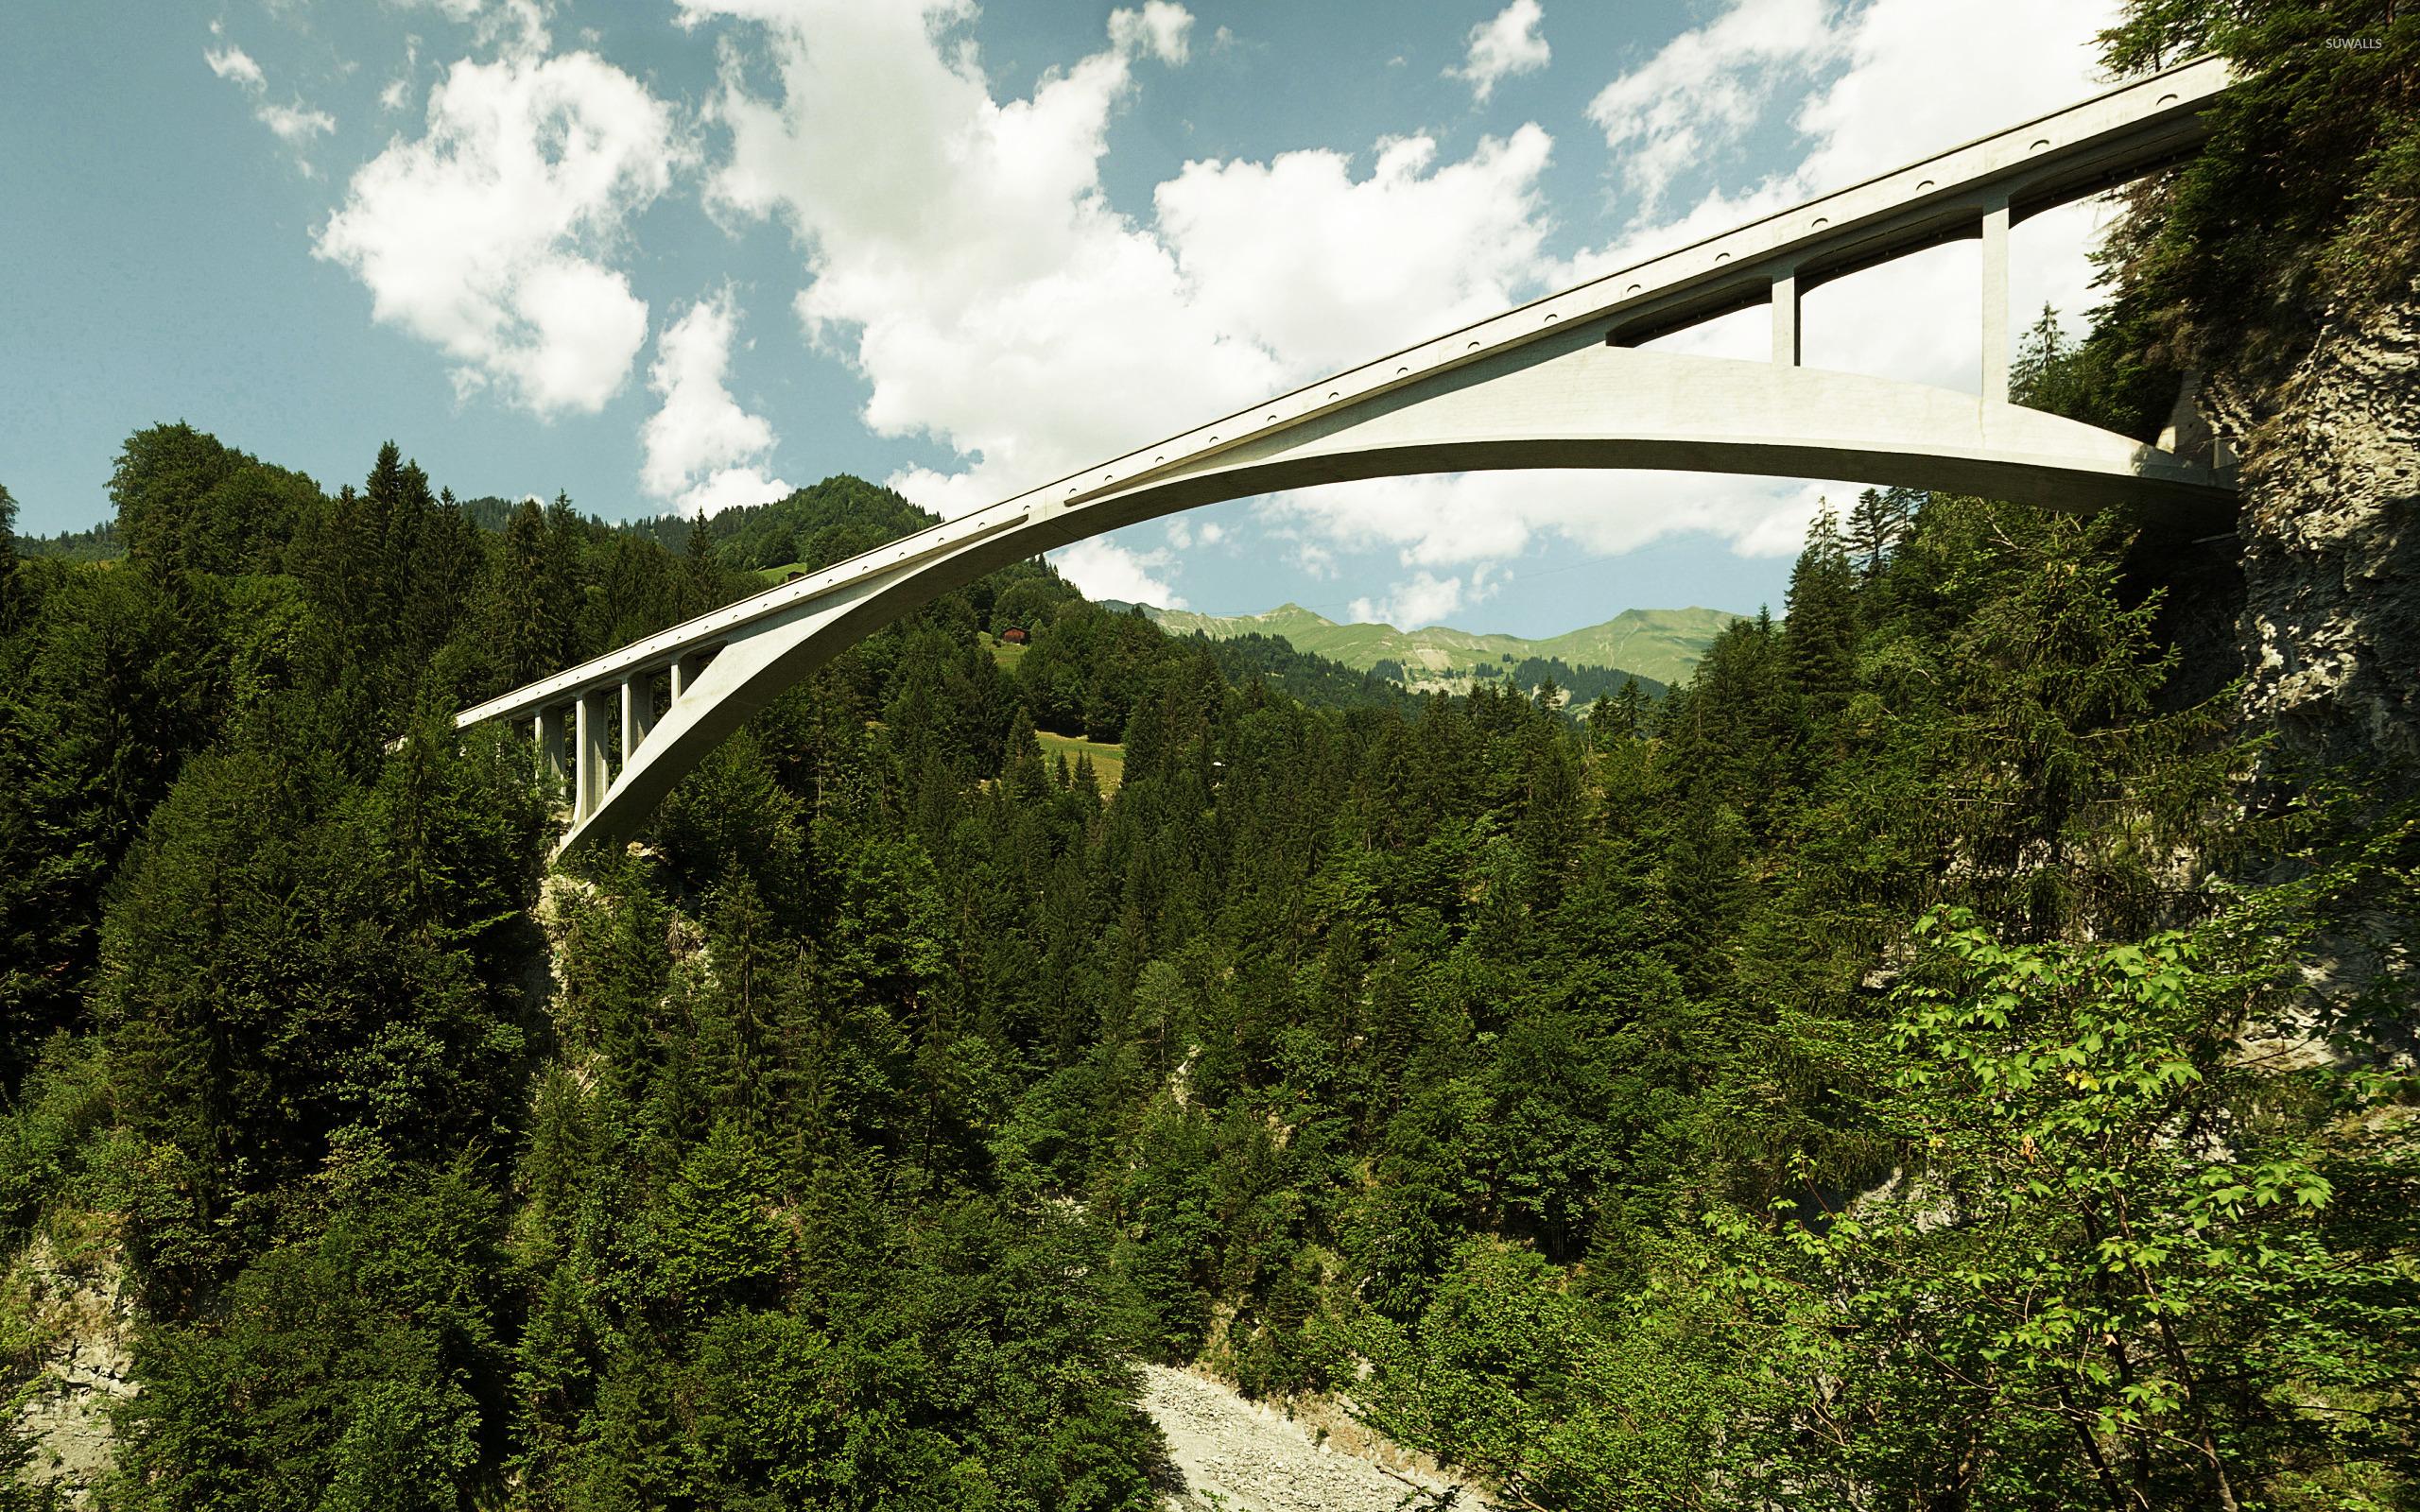 Мост над дорогой  № 2225391 бесплатно